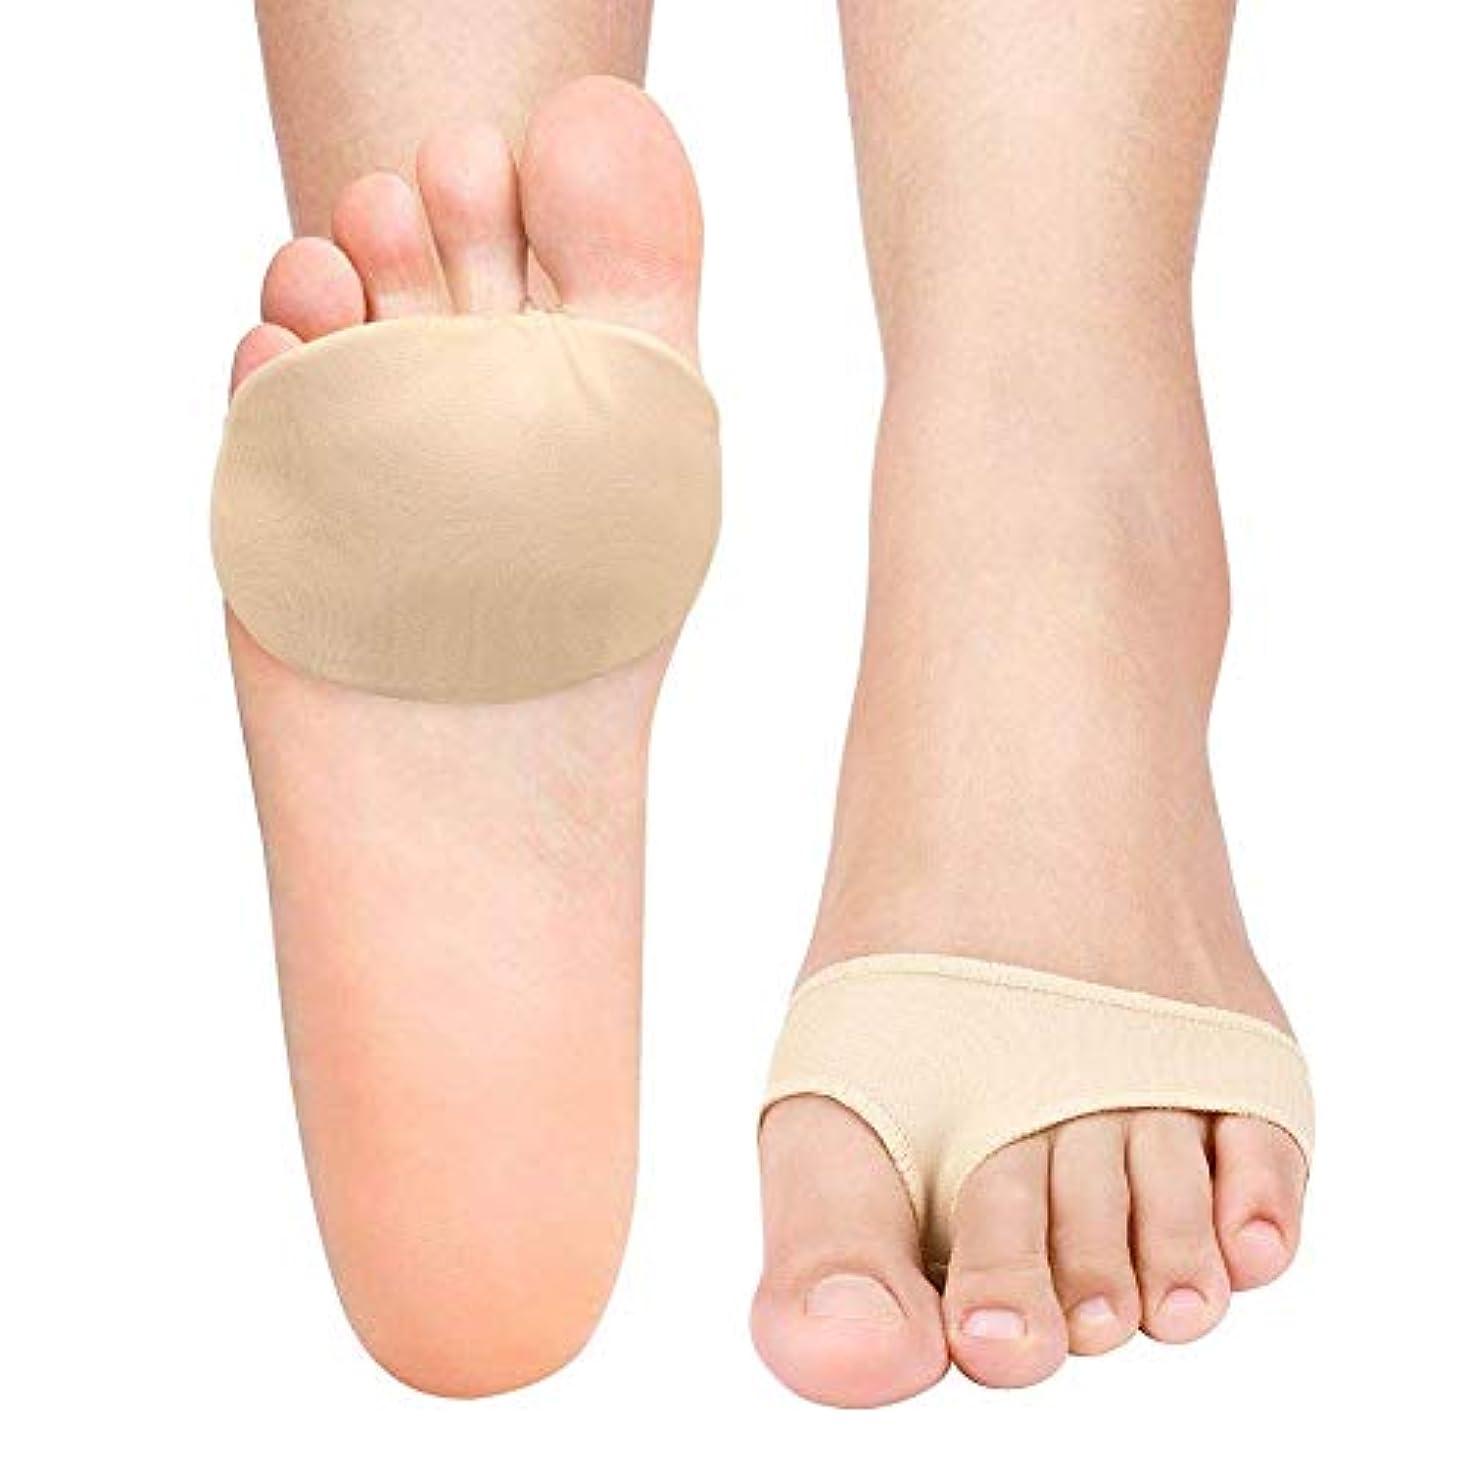 書き出すコーナースリルYosoo 足裏 保護 サポーター 付け根 痛み和らげ シリコン 男女兼用 フリーサイズ (2個入り)